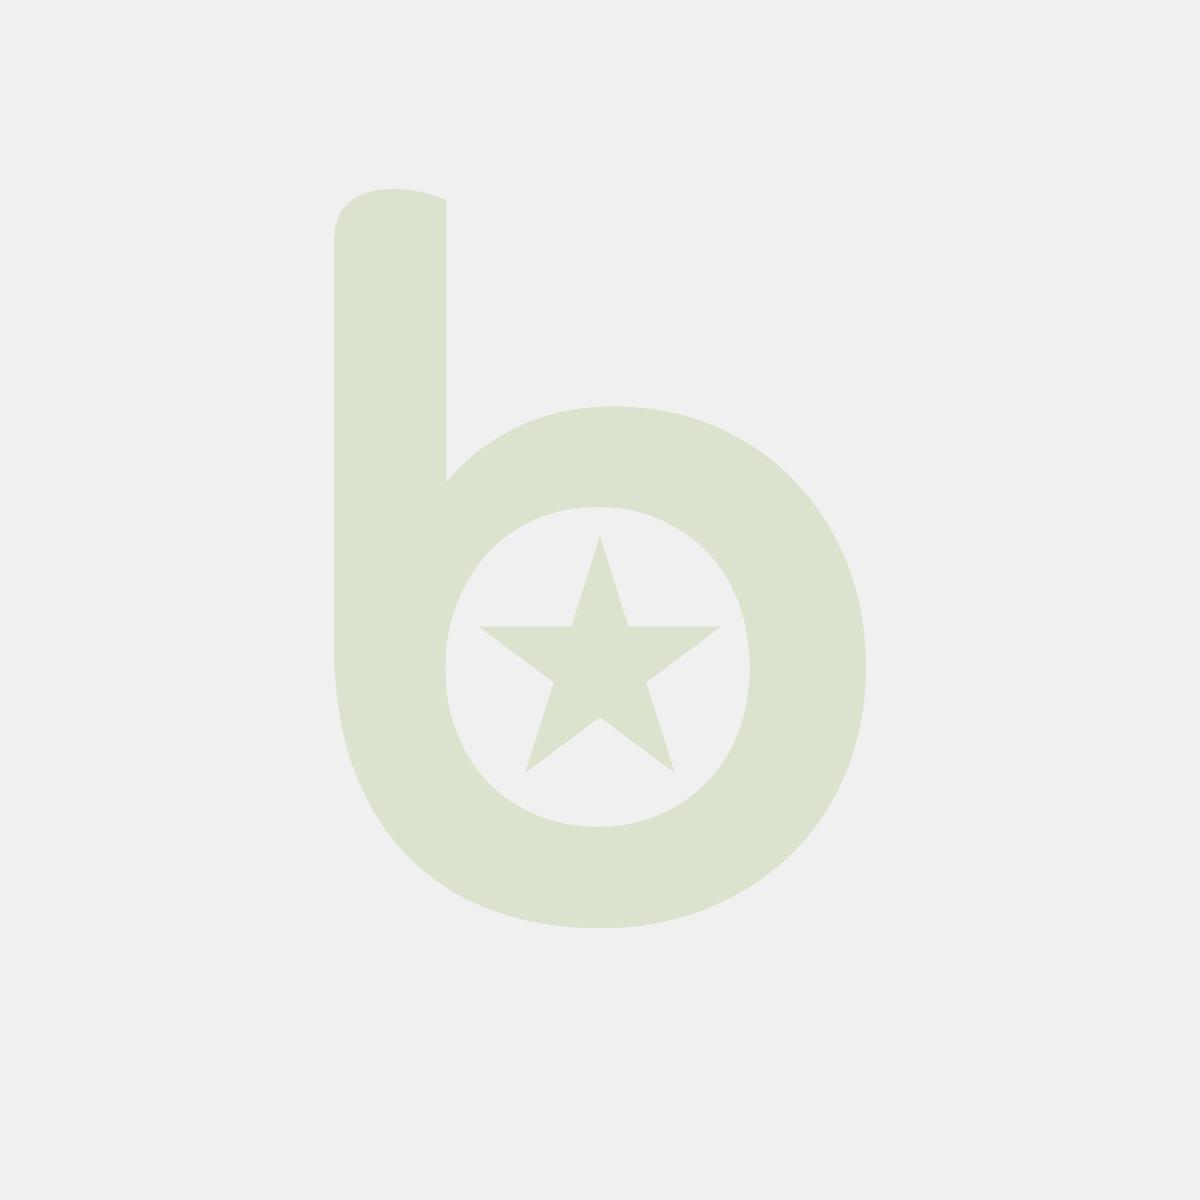 Worki polipropylenowe (PP) 50x90cm (56g) - 30kg, cena za 100szt